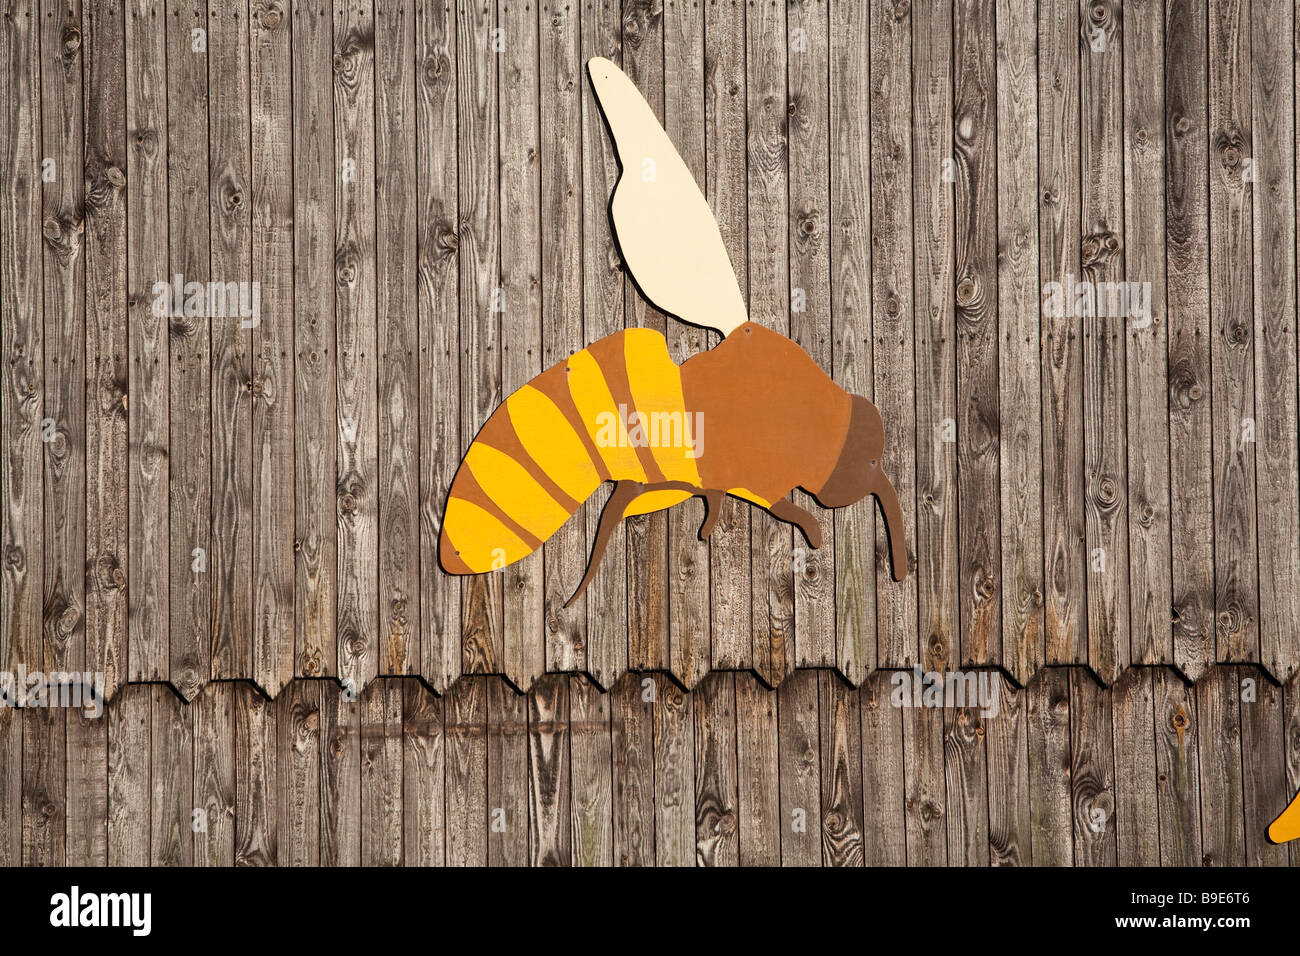 Denmark Zealand Møn island farm bee - Stock Image